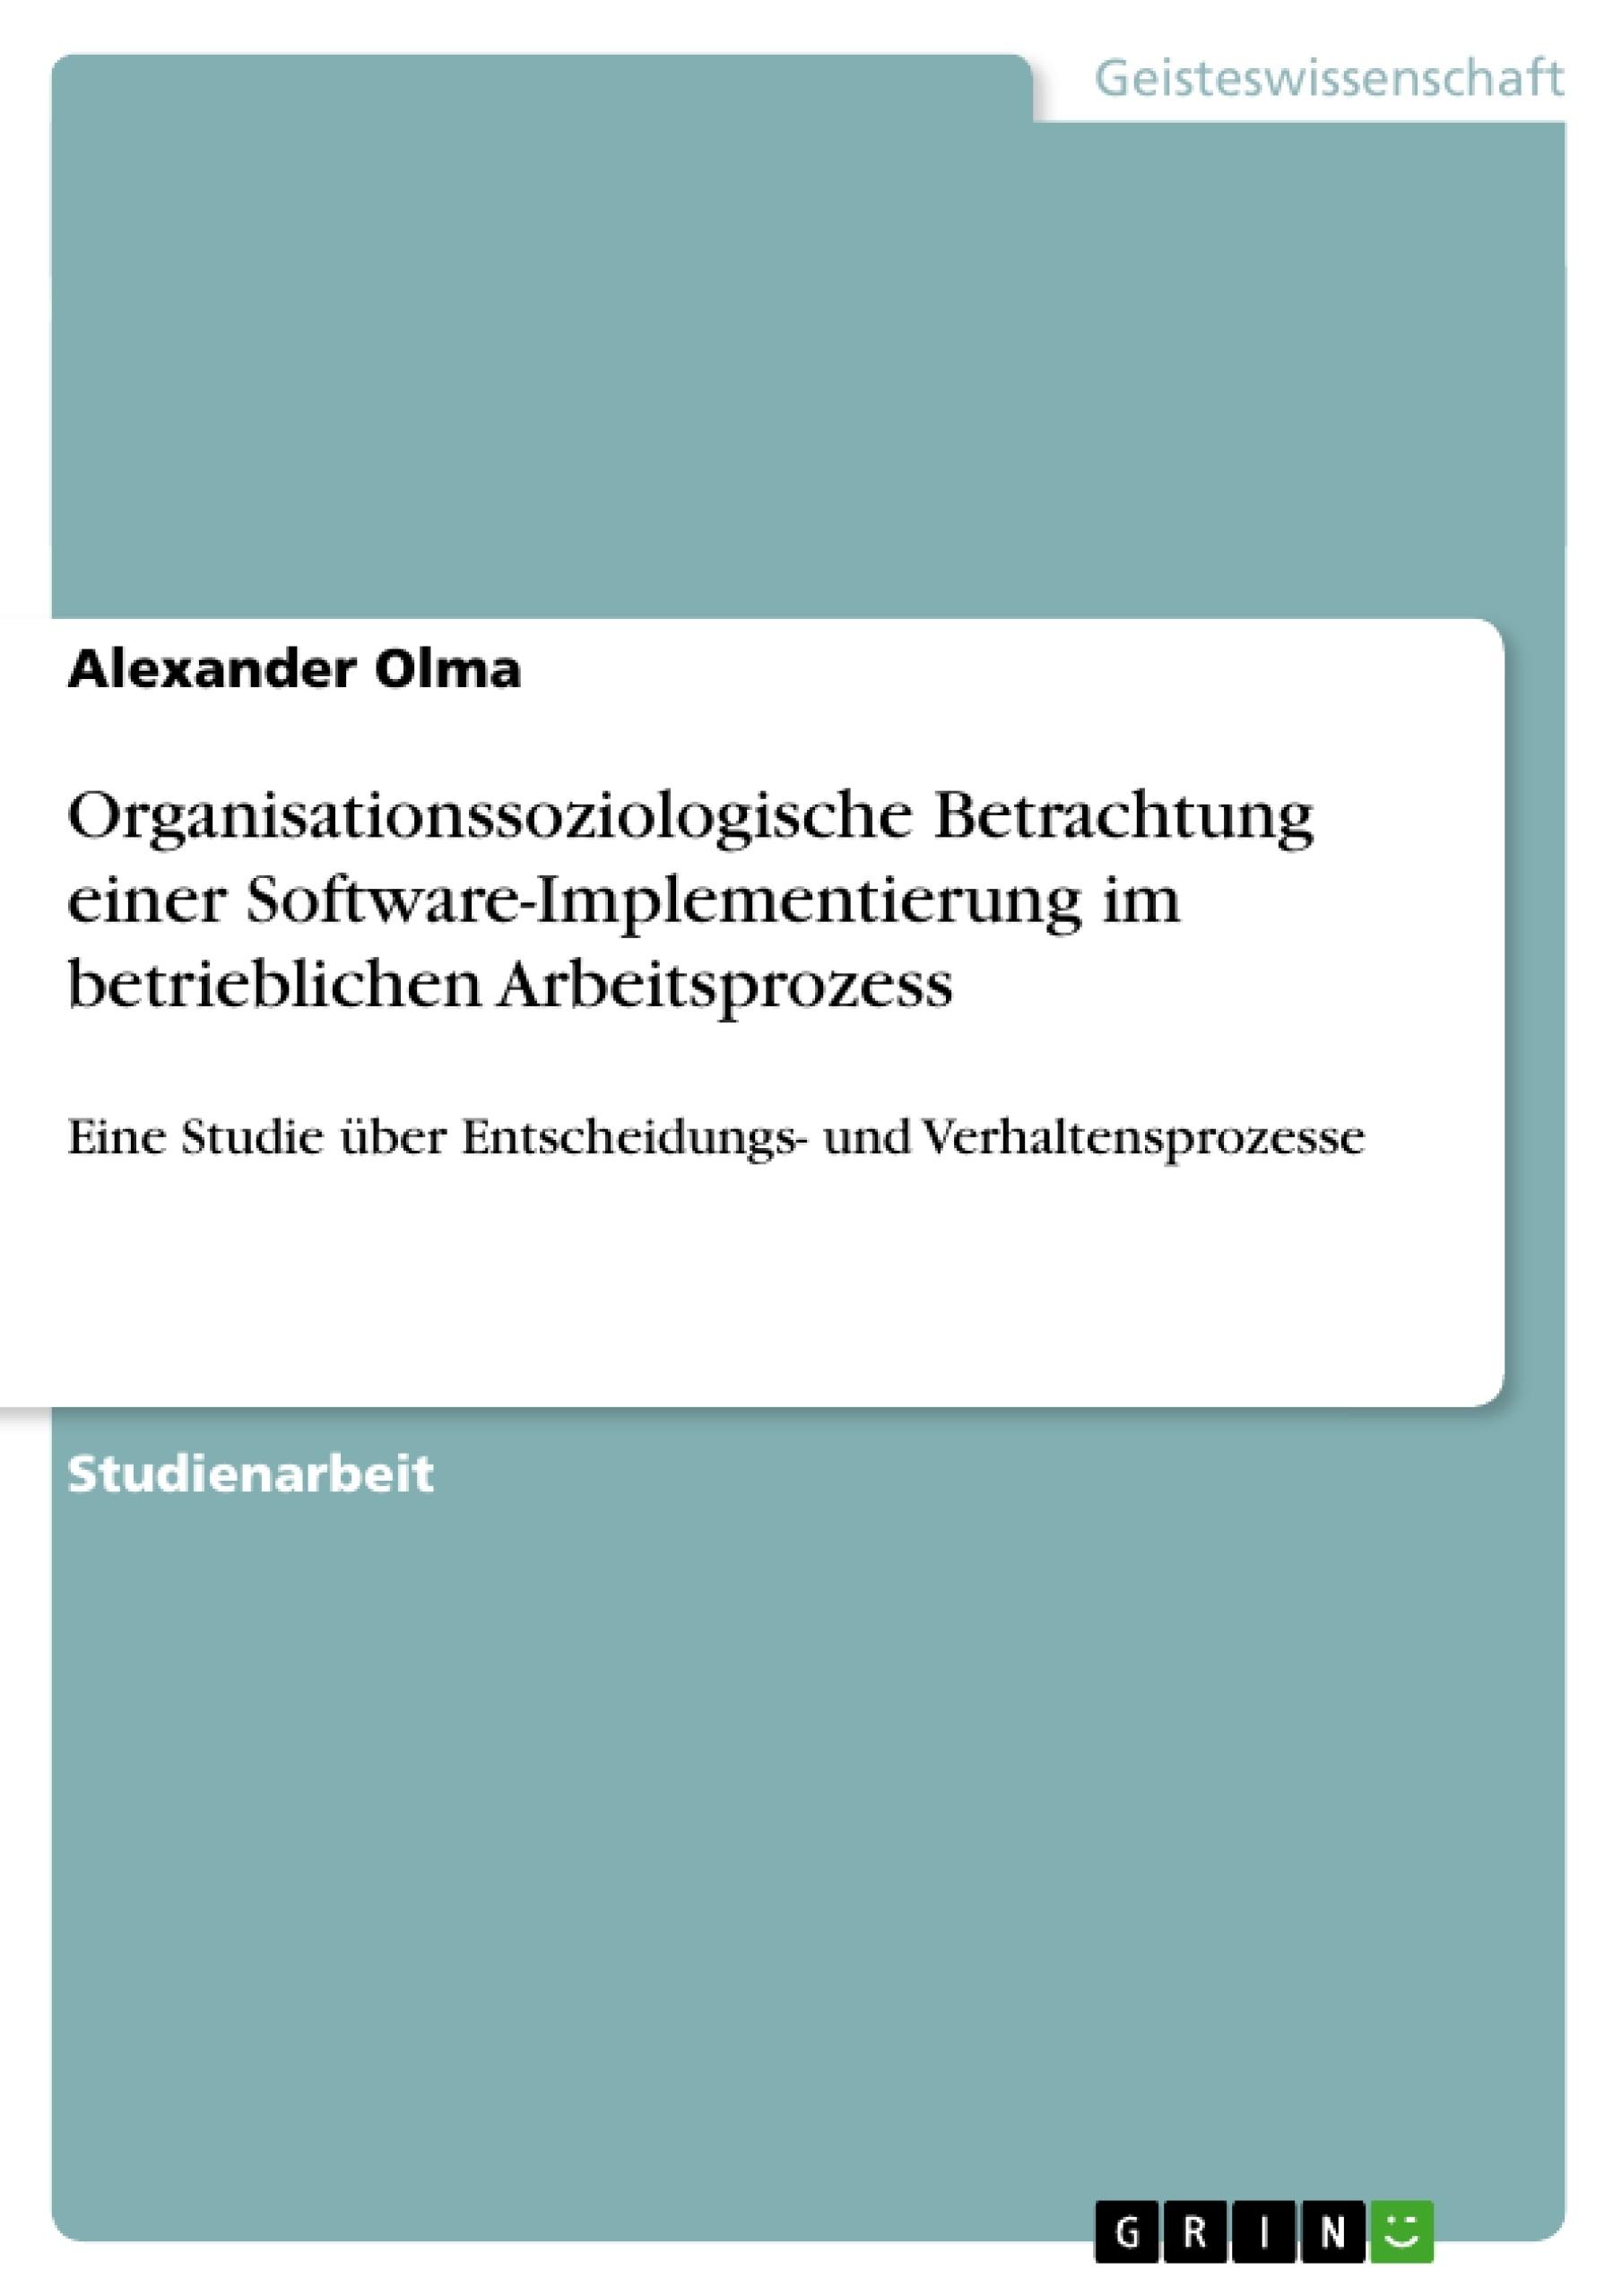 Titel: Organisationssoziologische Betrachtung einer Software-Implementierung im betrieblichen Arbeitsprozess